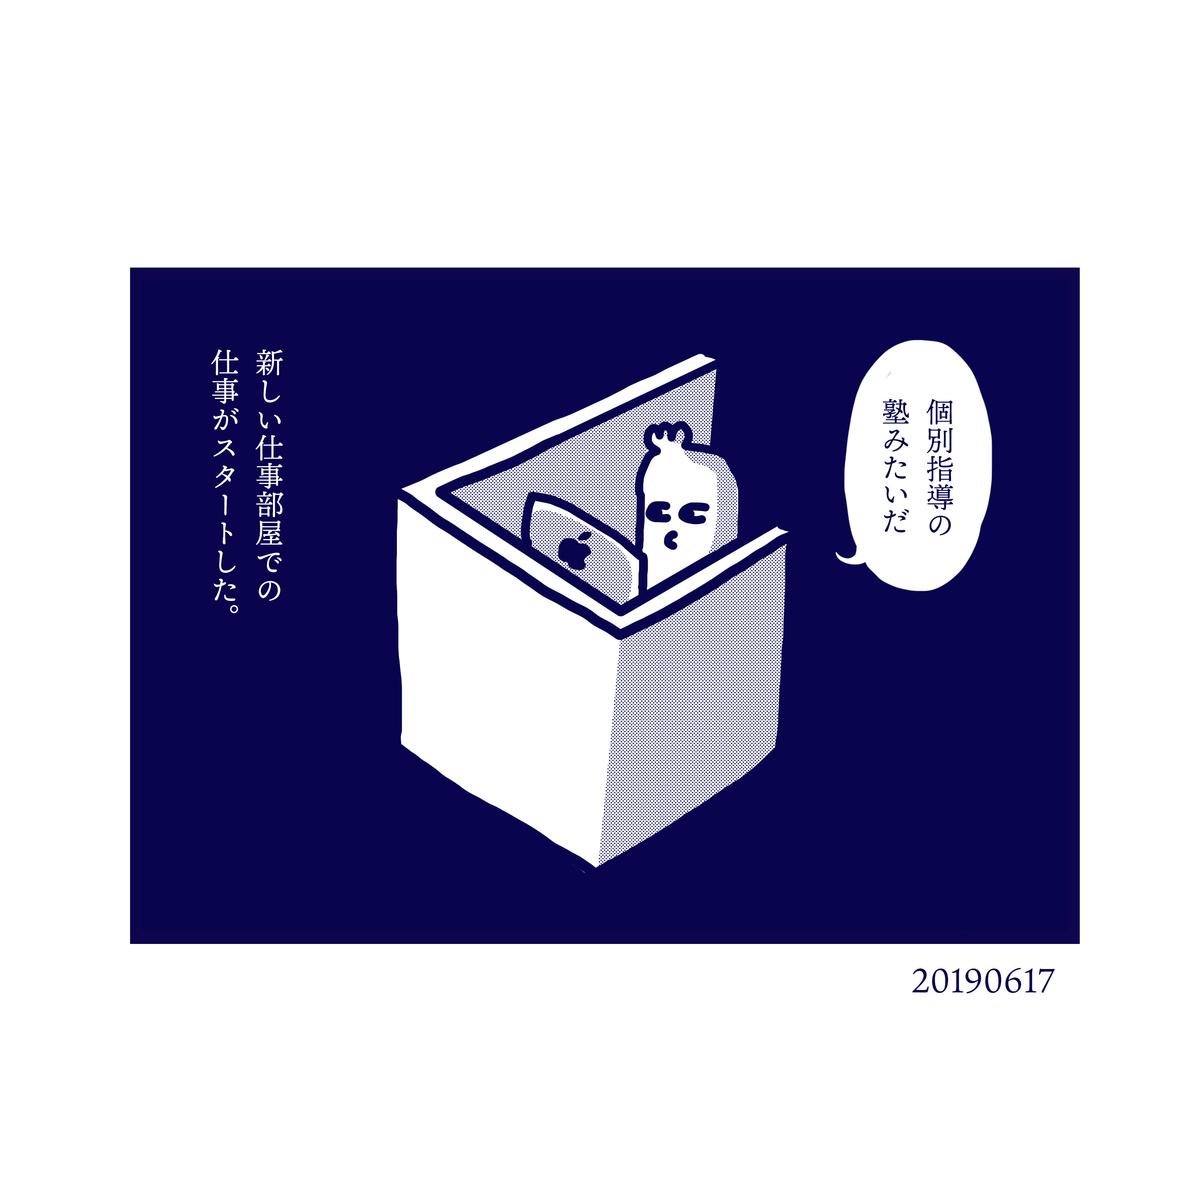 f:id:sabishii_room:20190617224832j:plain